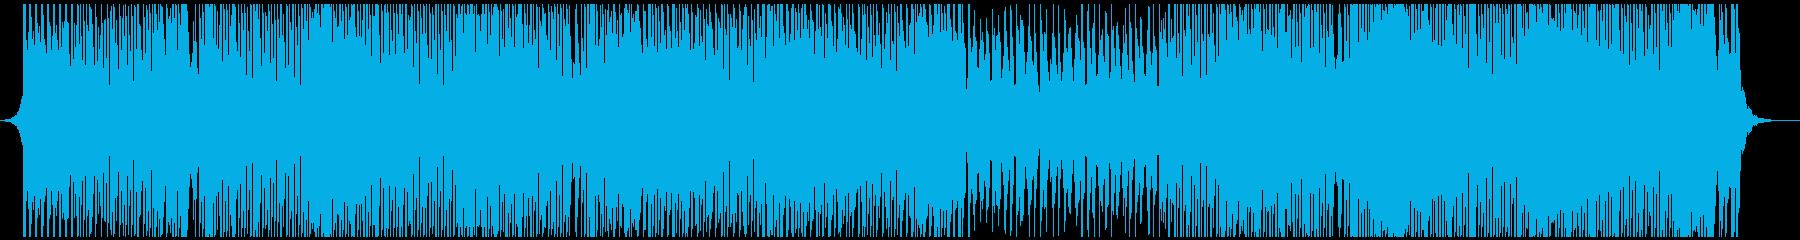 ダンスポップパーティーの再生済みの波形